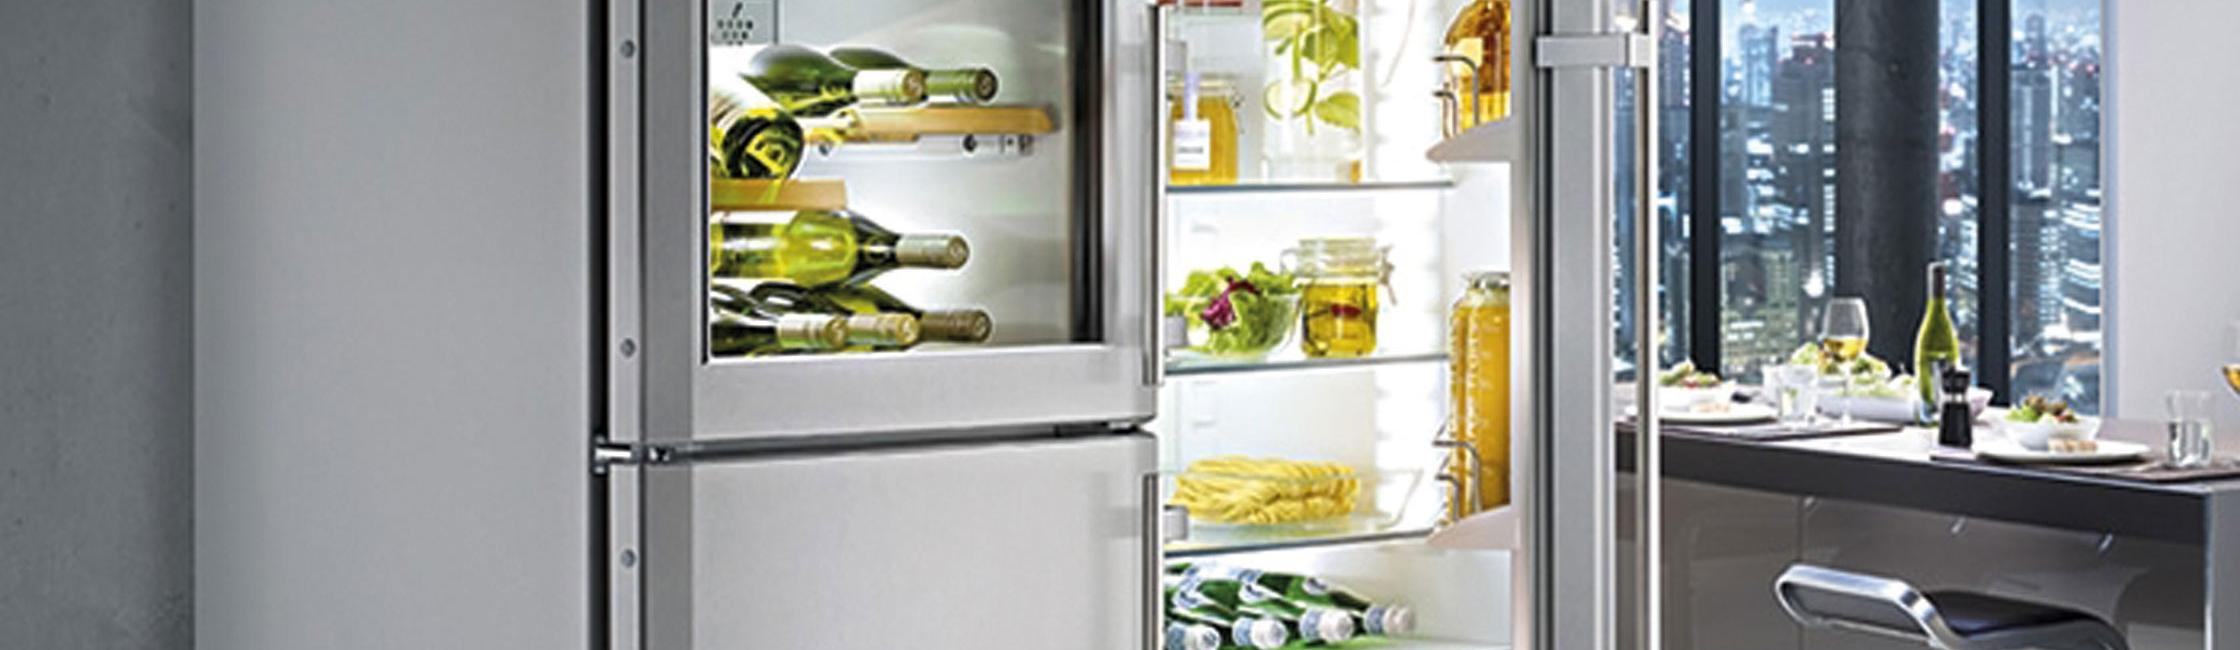 Comment choisir son r frig rateur comera cuisines - Quel refrigerateur americain choisir ...